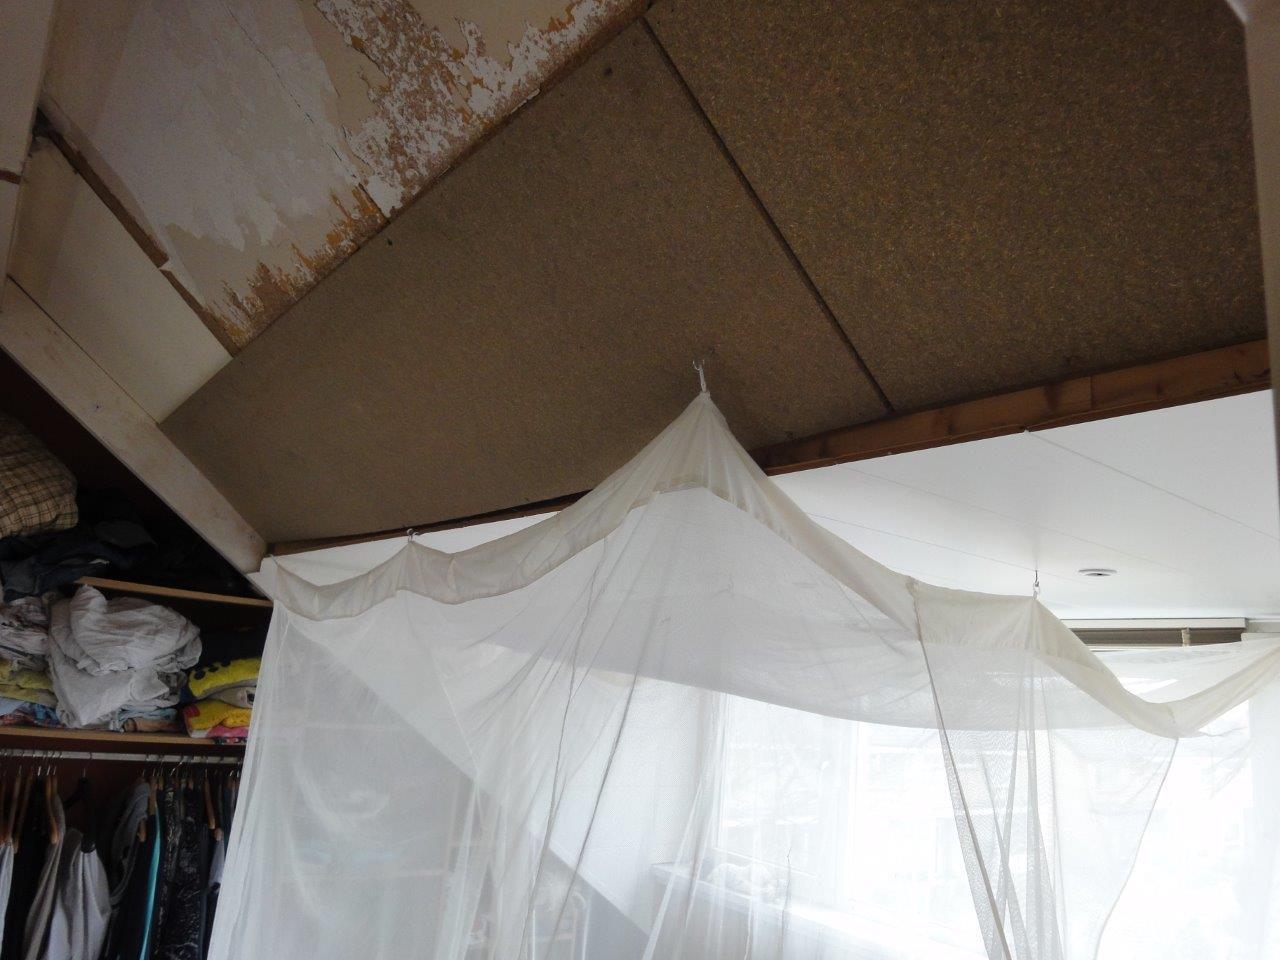 Constructie vergeten bij dakkapel